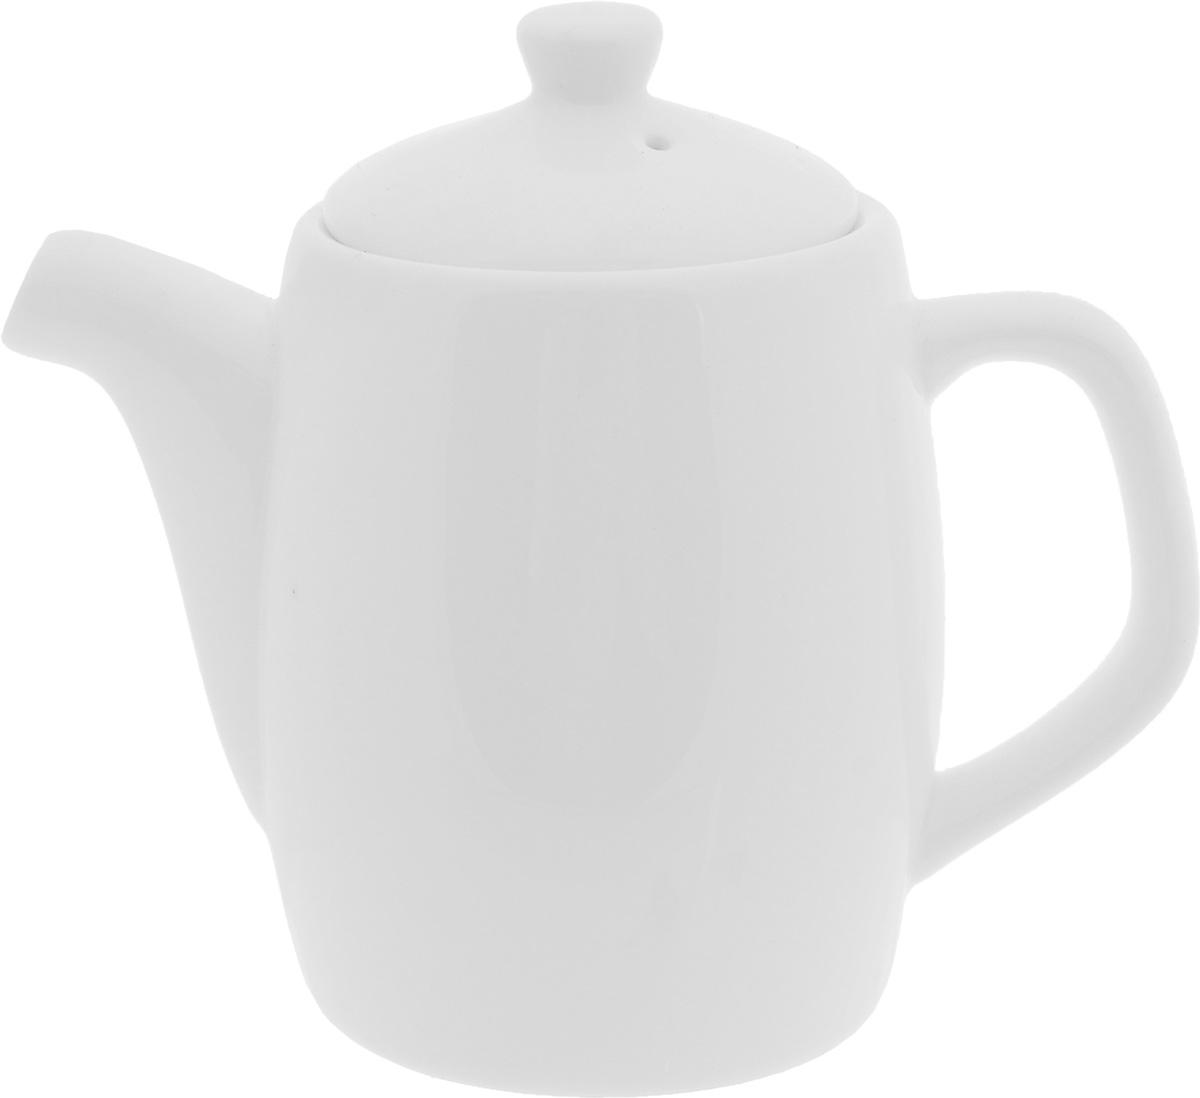 Чайник заварочный Wilmax, 350 млWL-994005 / 1CЗаварочный чайник Wilmax изготовлен из высококачественного фарфора. Глазурованное покрытие обеспечивает легкую очистку. Изделие прекрасно подходит для заваривания вкусного и ароматного чая, а также травяных настоев. Ситечко в основании носика препятствует попаданию чаинок в чашку. Оригинальный дизайн сделает чайник настоящим украшением стола. Он удобен в использовании и понравится каждому. Можно мыть в посудомоечной машине и использовать в микроволновой печи. Диаметр чайника (по верхнему краю): 7 см. Высота чайника (без учета крышки): 10 см.